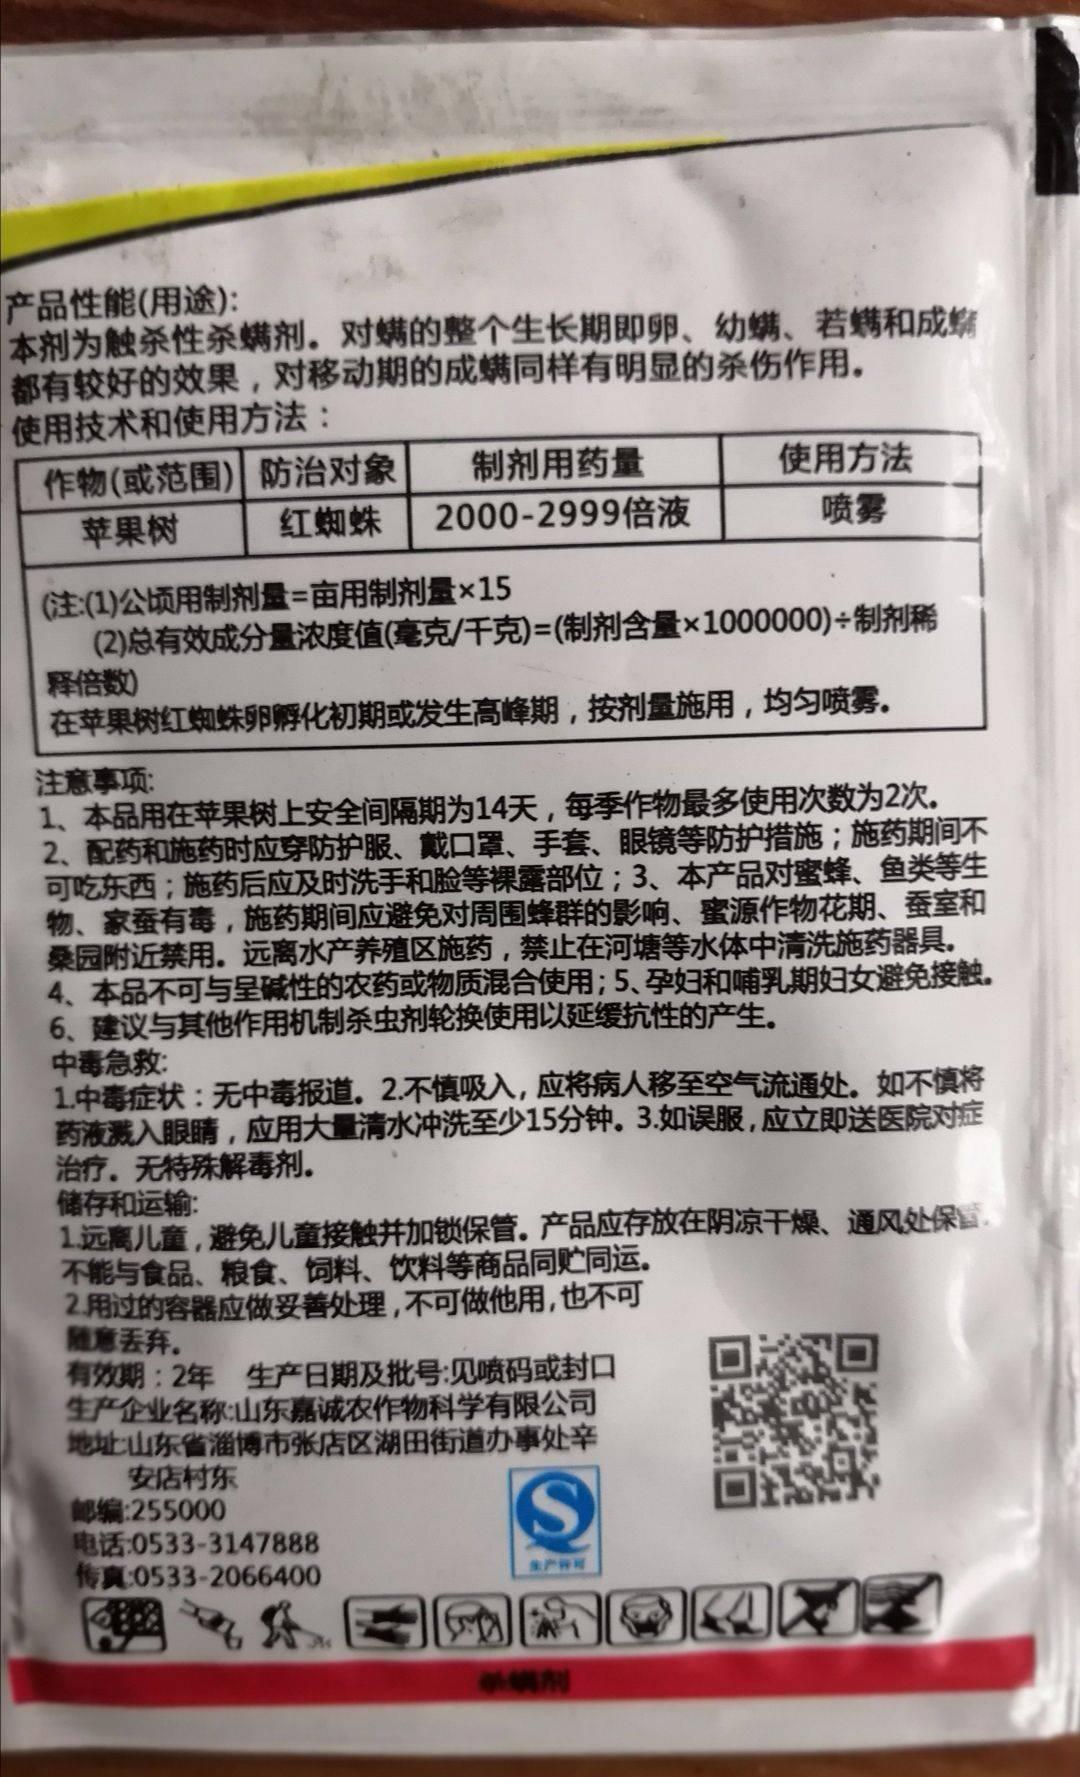 20%哒螨灵粉剂10克苹果树红蜘蛛杀螨剂